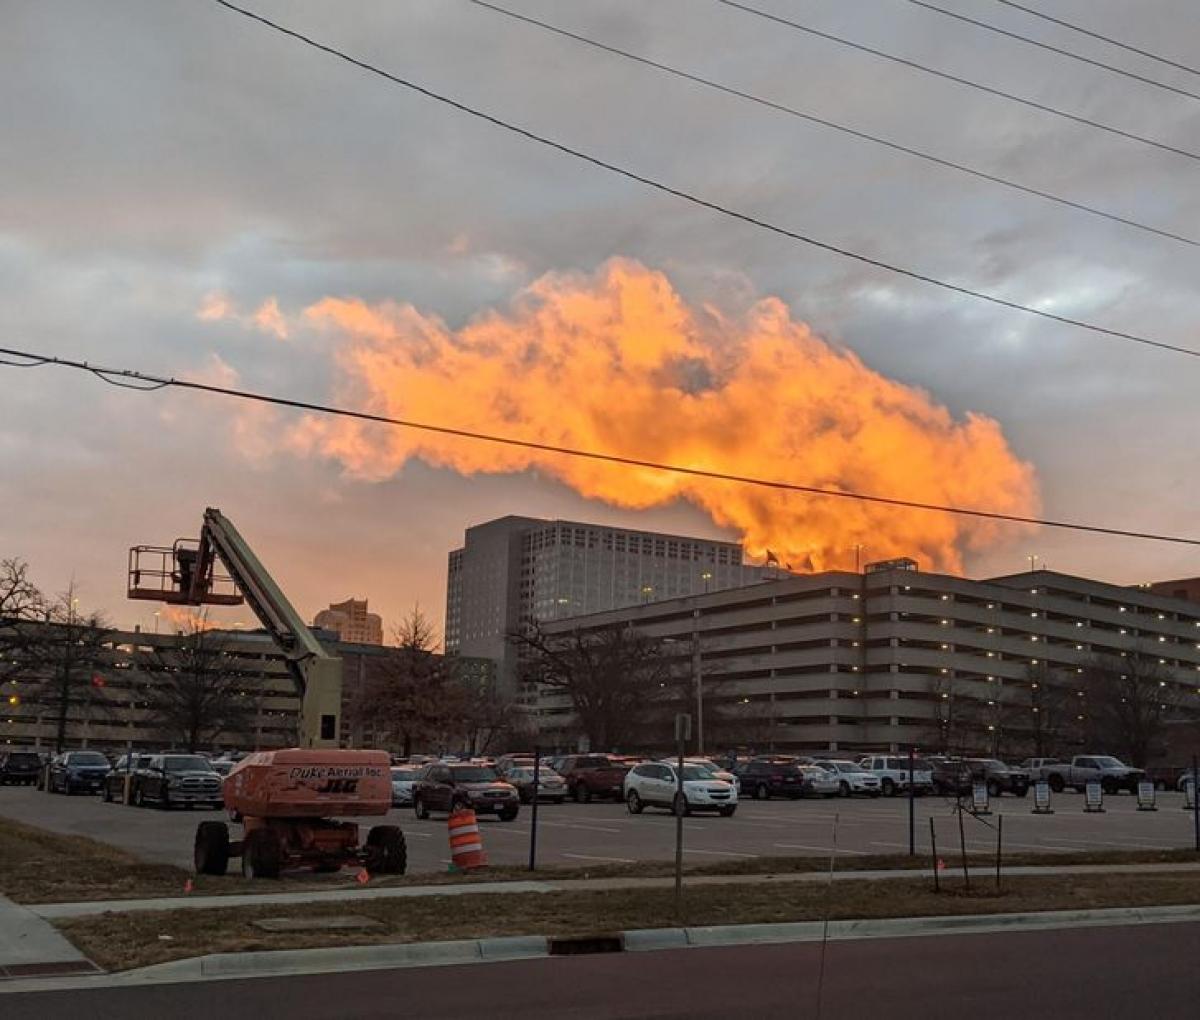 Đám mây kỳ lạ khiến cho toà nhà đằng xa trông như đang chìm trong vụ cháy lớn.